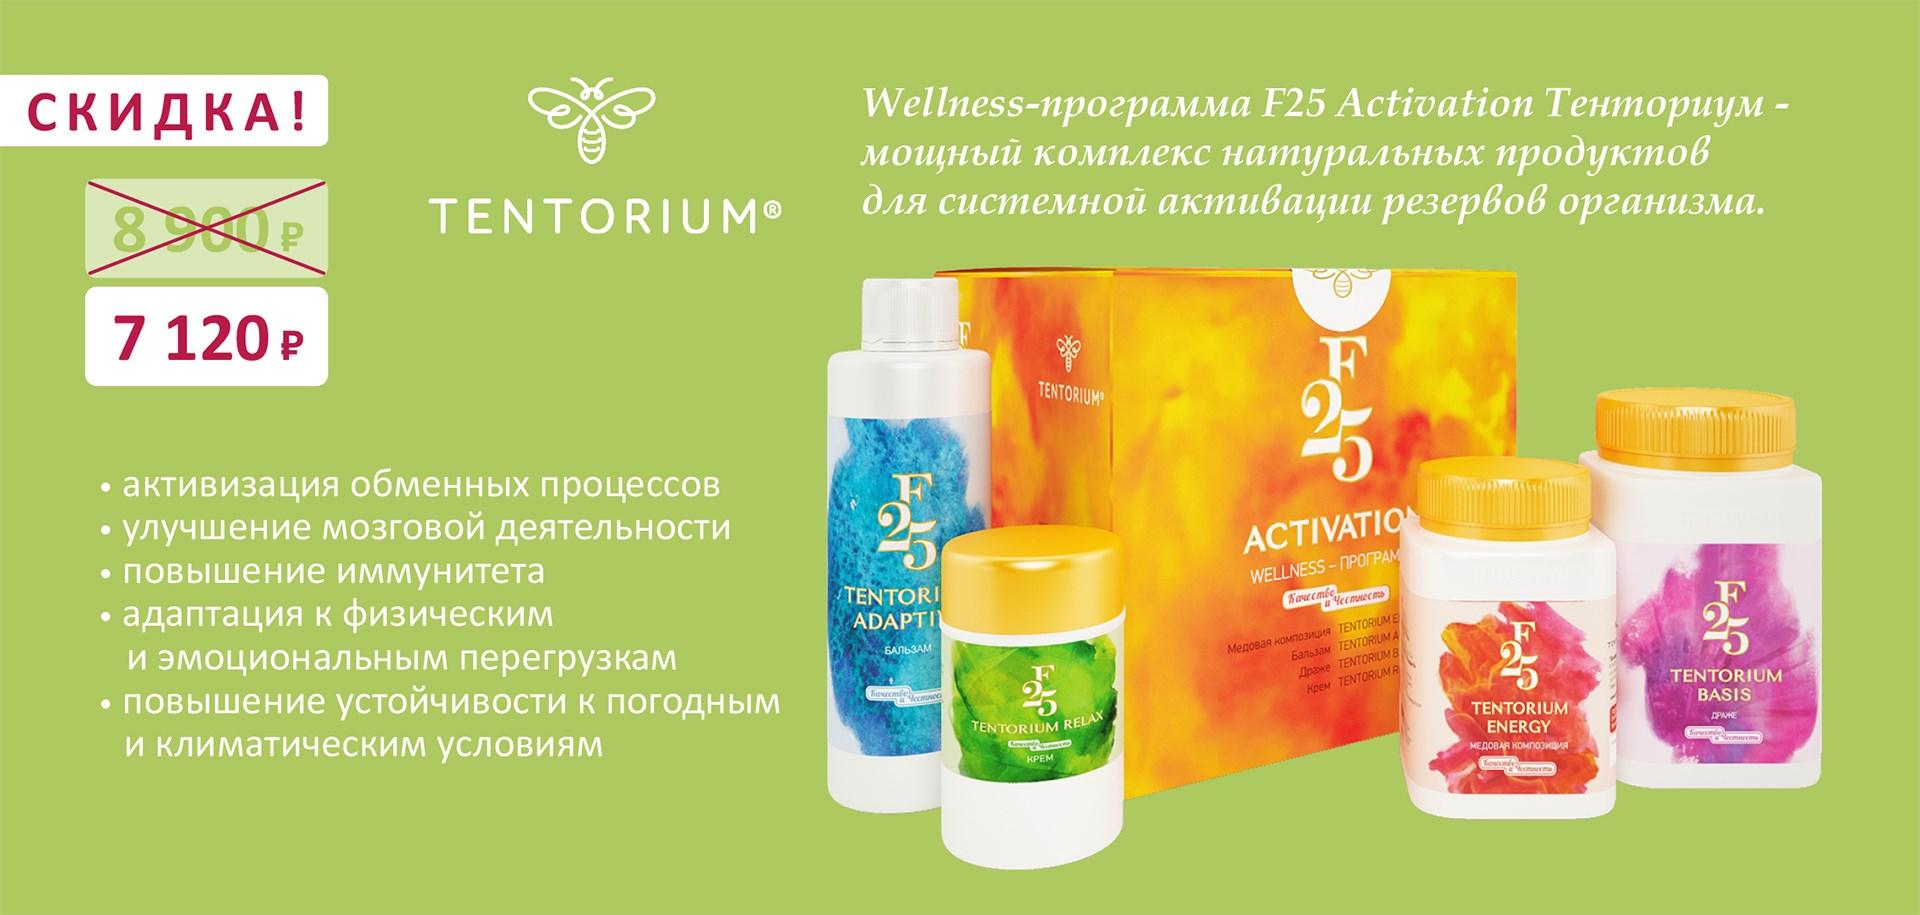 F25 Activation Wellness-программа ТЕНТОРИУМ купить со скидкой официальный магазин TENTORIUM